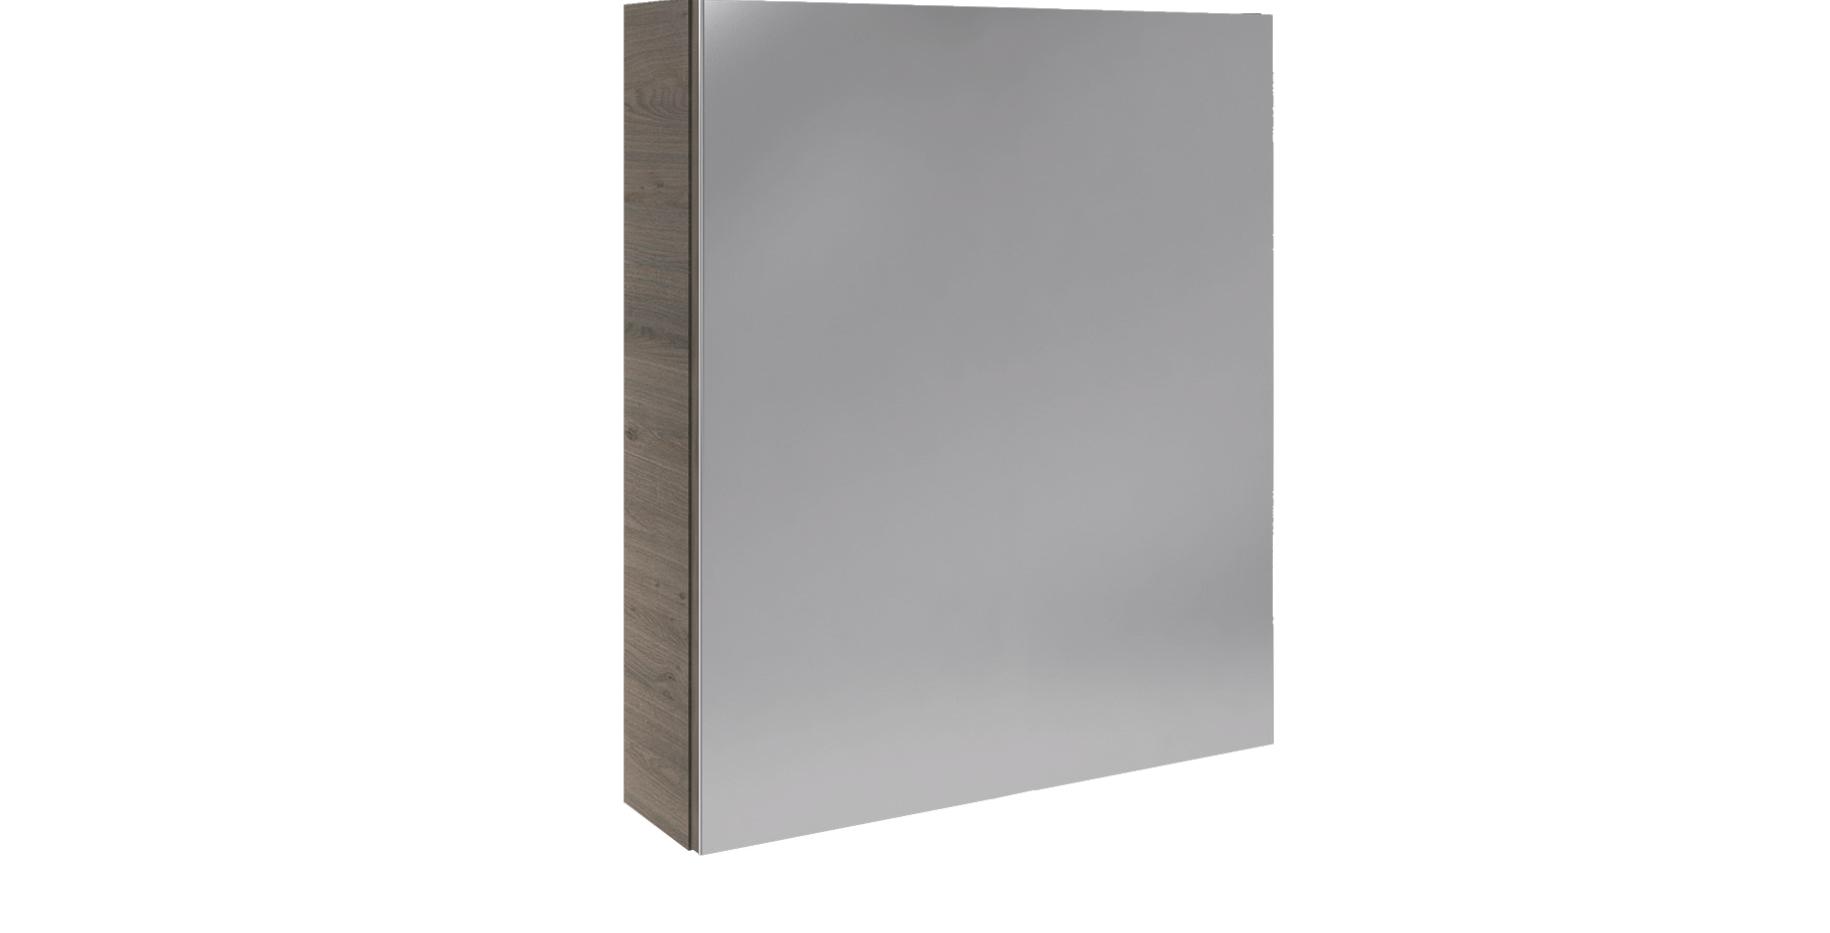 Spegelskåp en spegeldörr